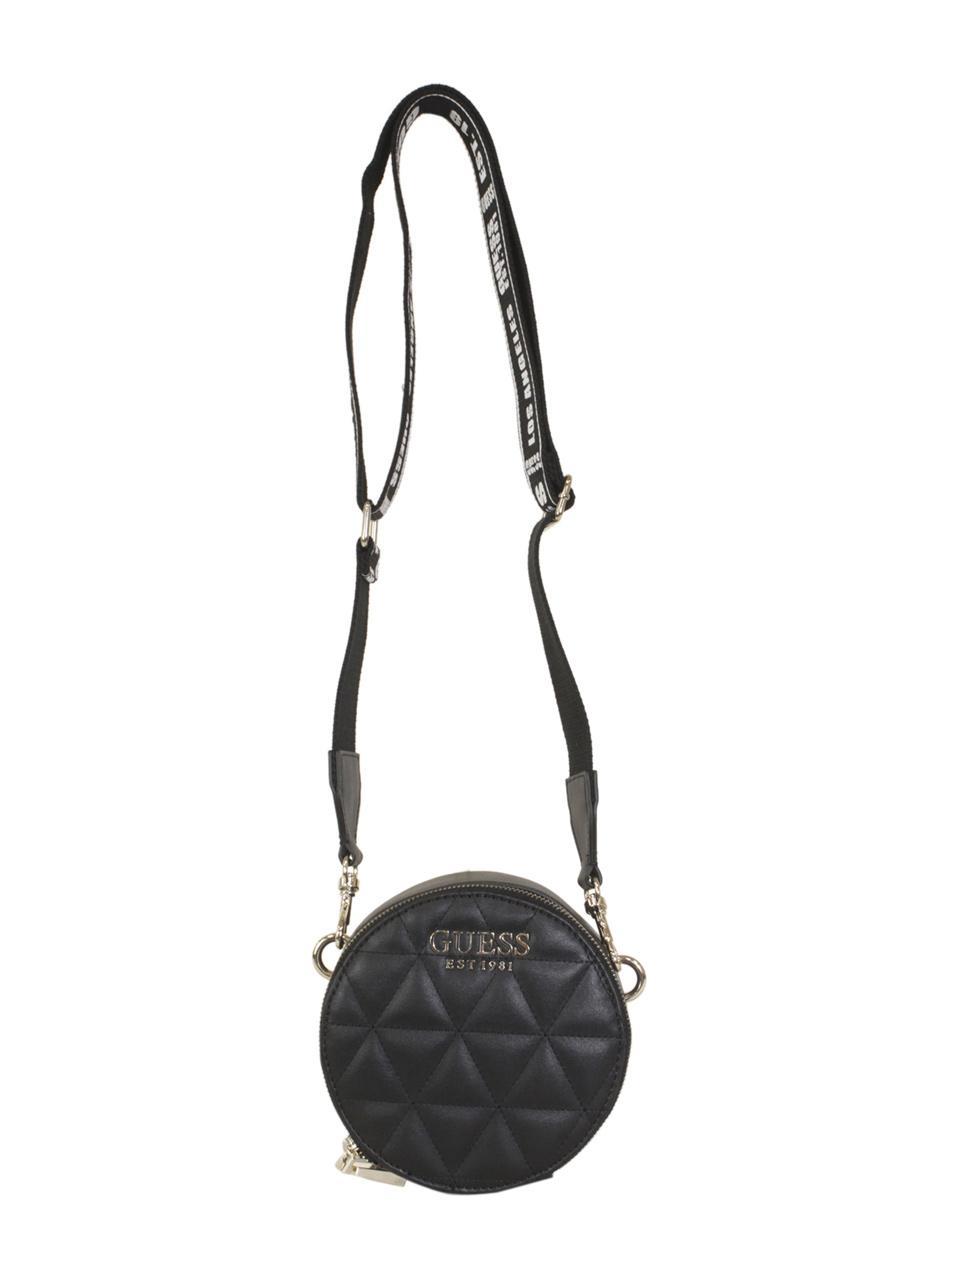 Details about Guess Women's Laiken Mini Round Crossbody Handbag